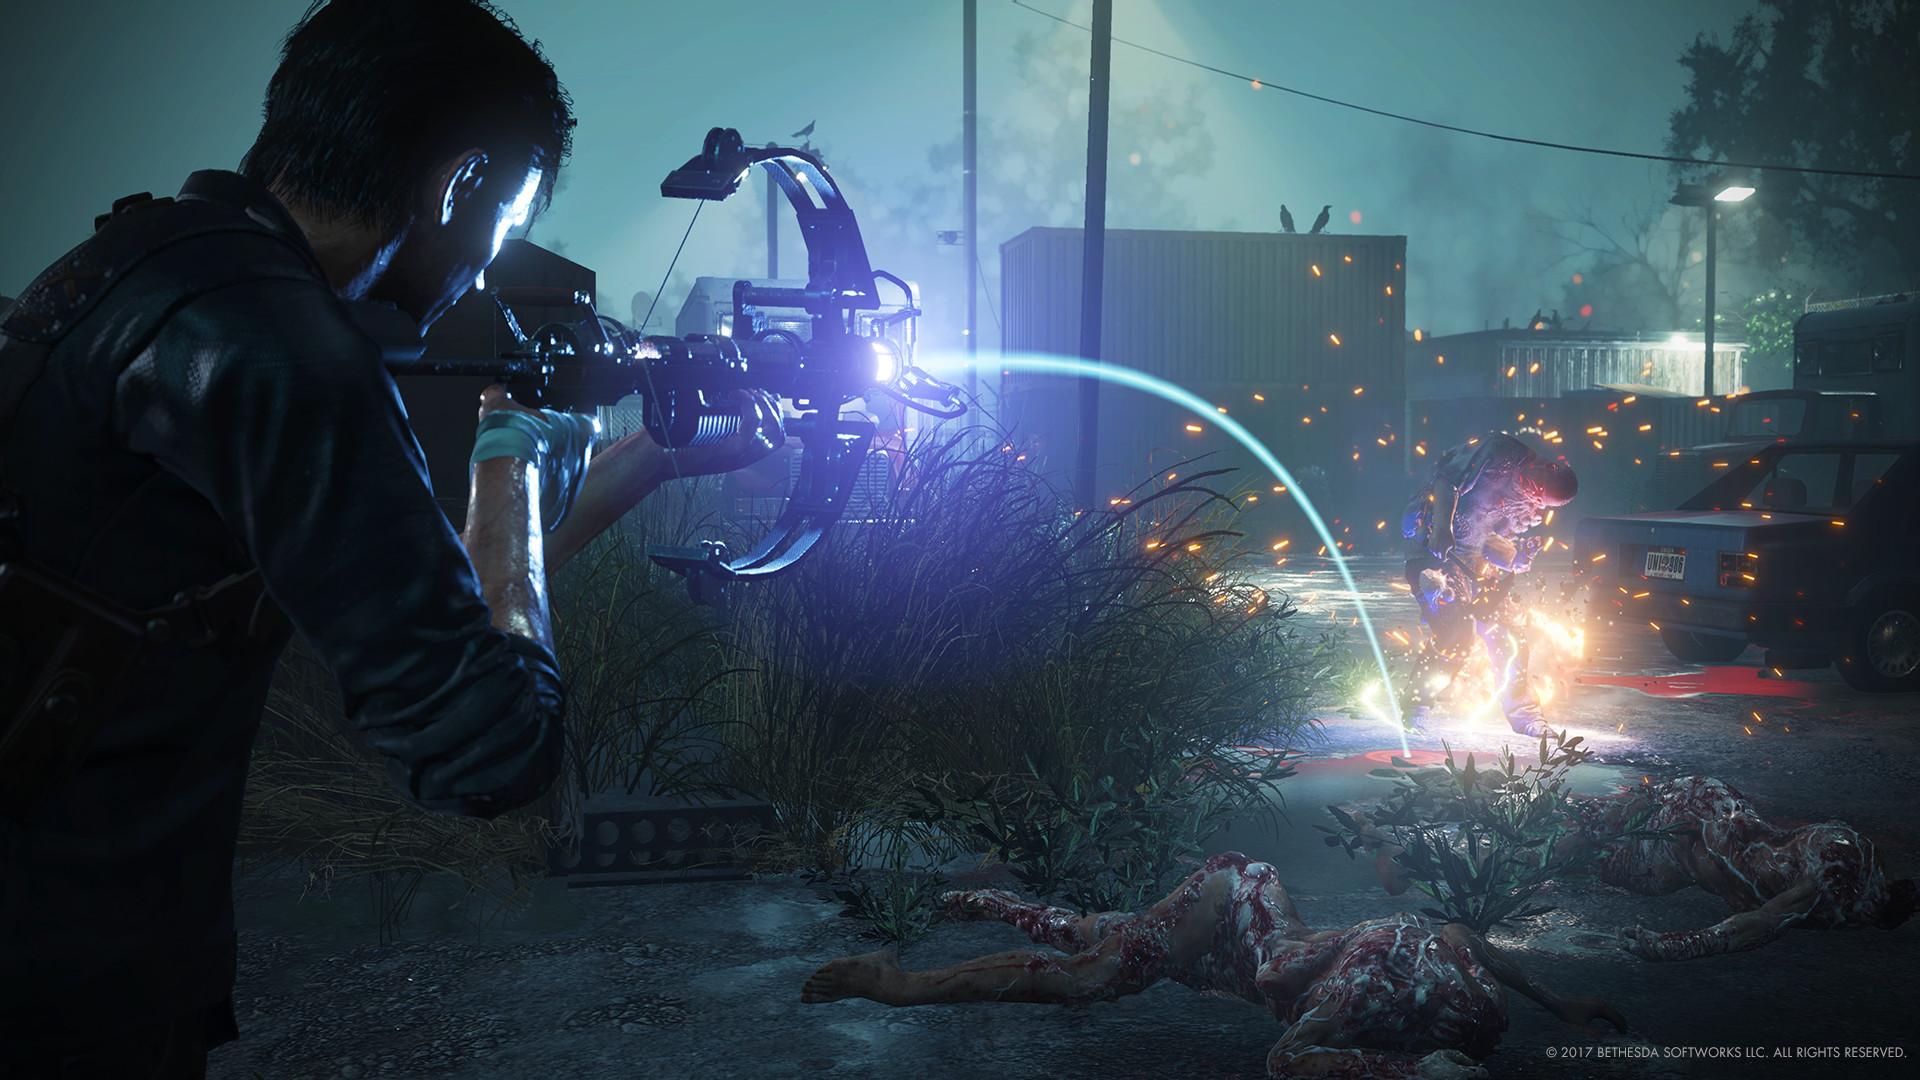 《恶灵附身2》Steam版售价永降为129元 原价199元